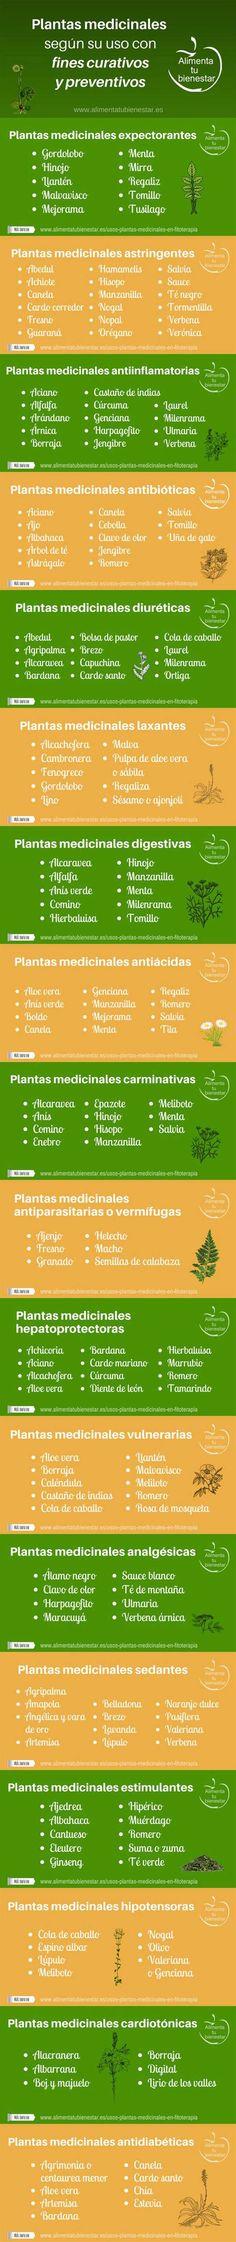 Excelente recopilación de plantas medicinales y sus usos curativos. #salud #infografias #plantasmedicinales